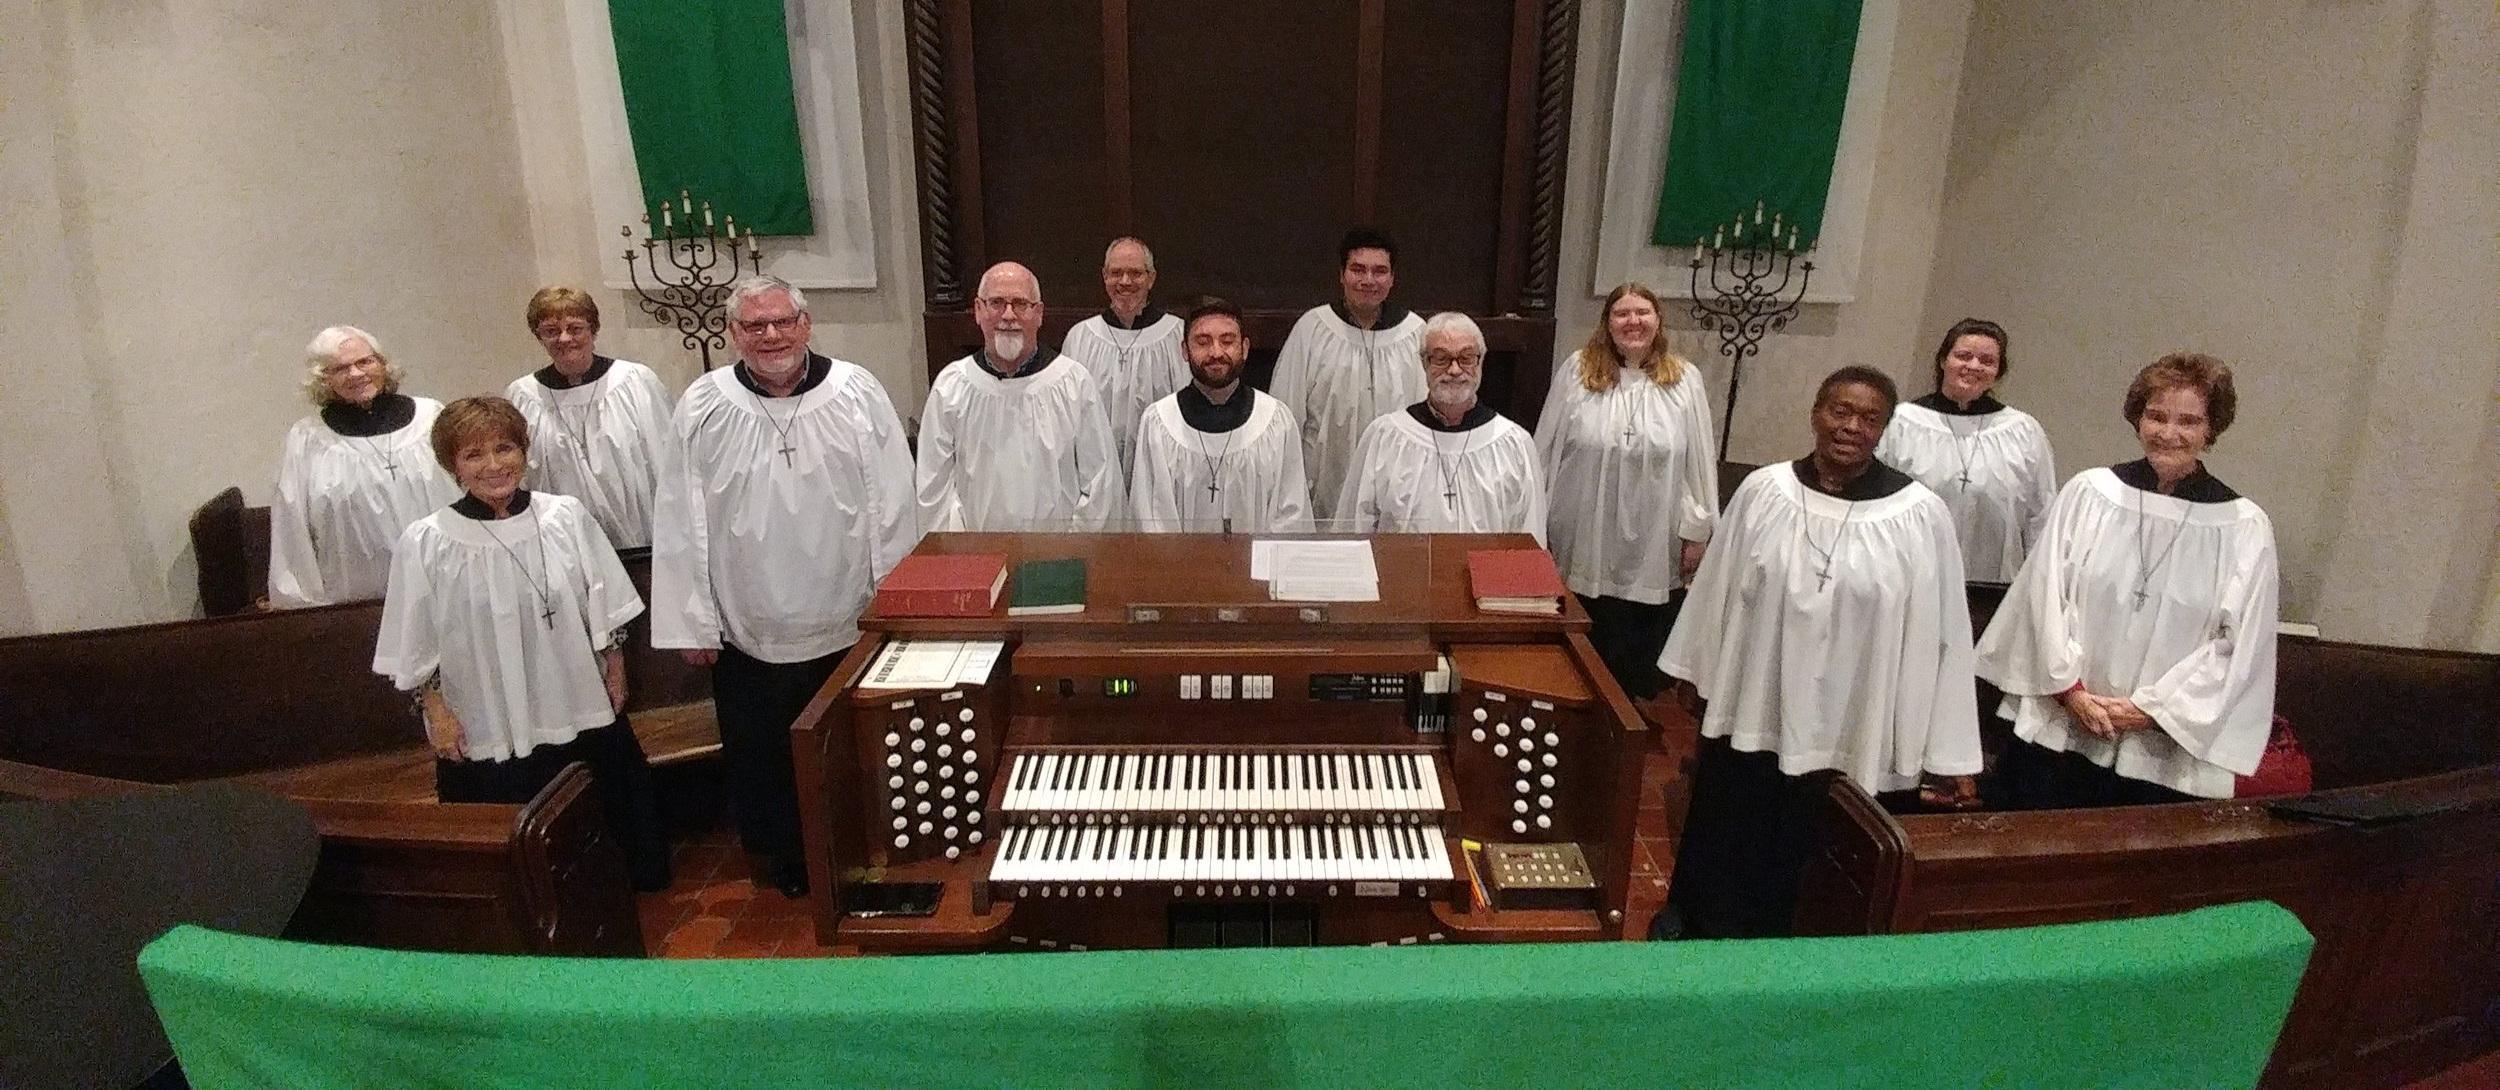 Saint Matthias Parish Choir, February 17, 2019